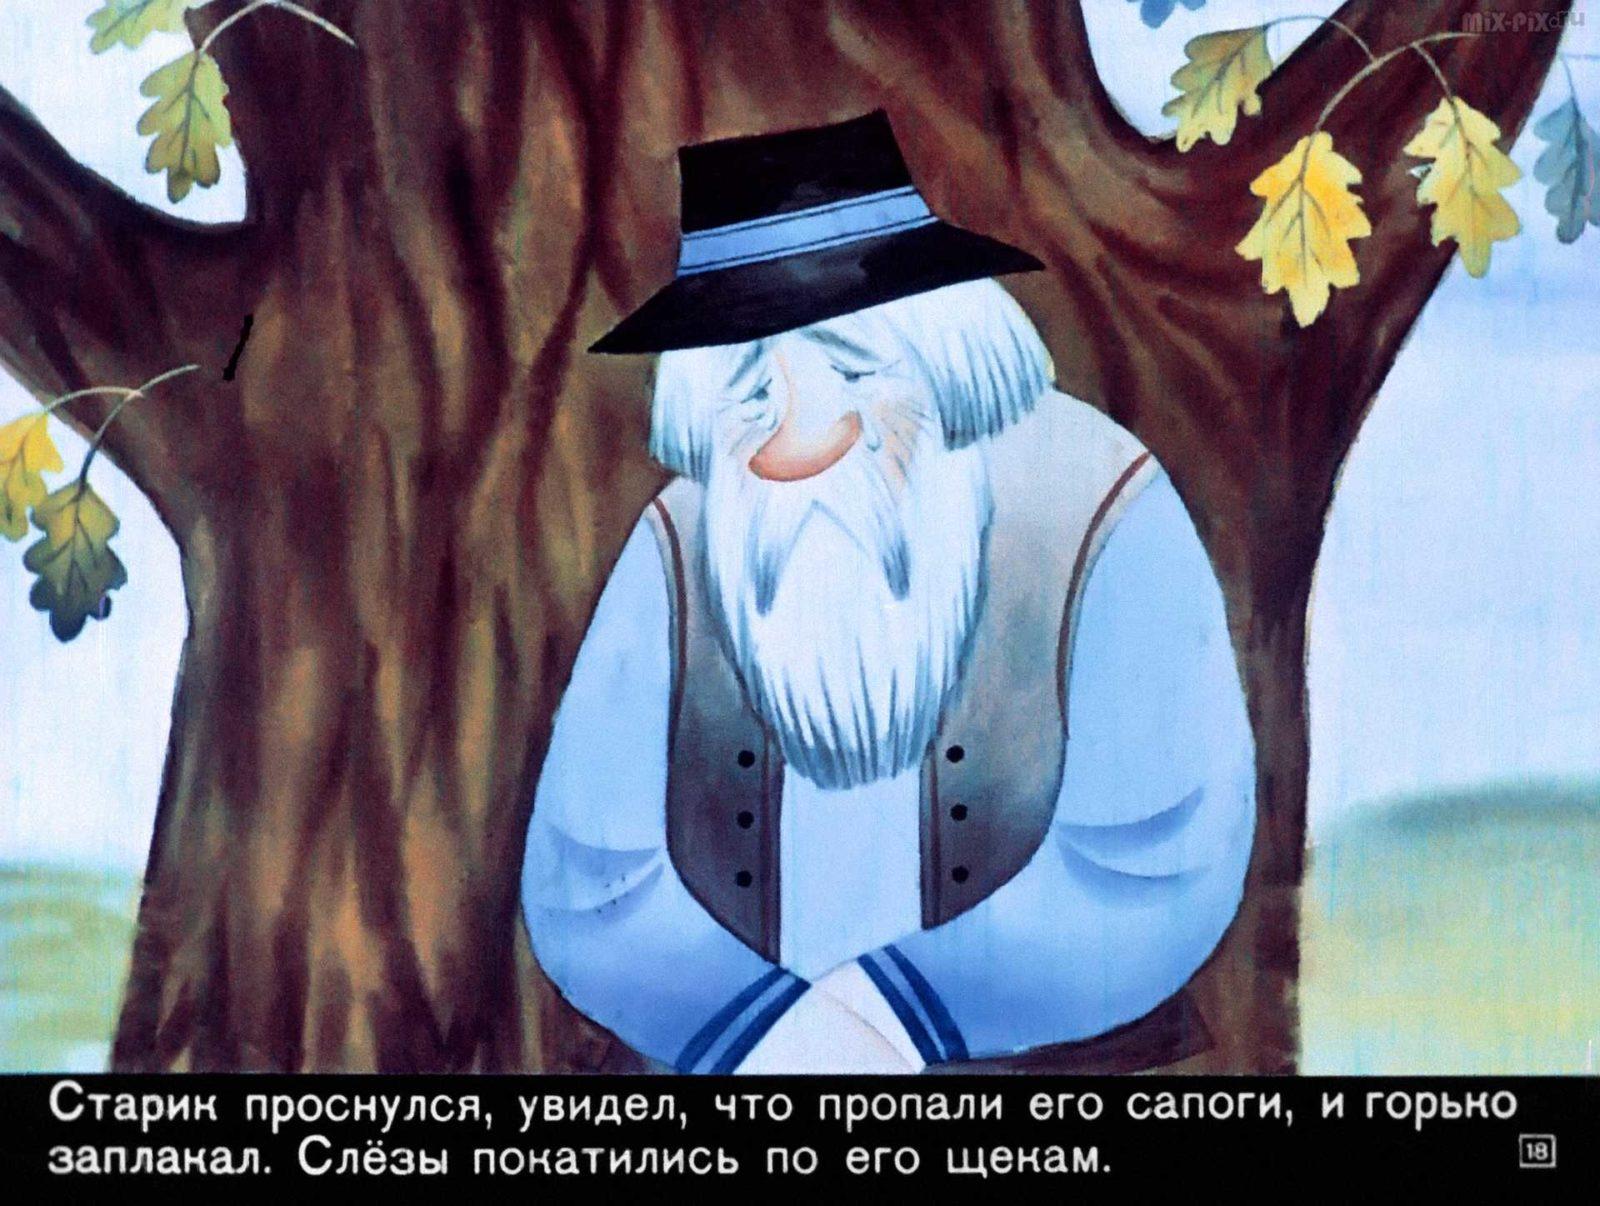 Сапожник Копытко и утка Кря (1972) 30